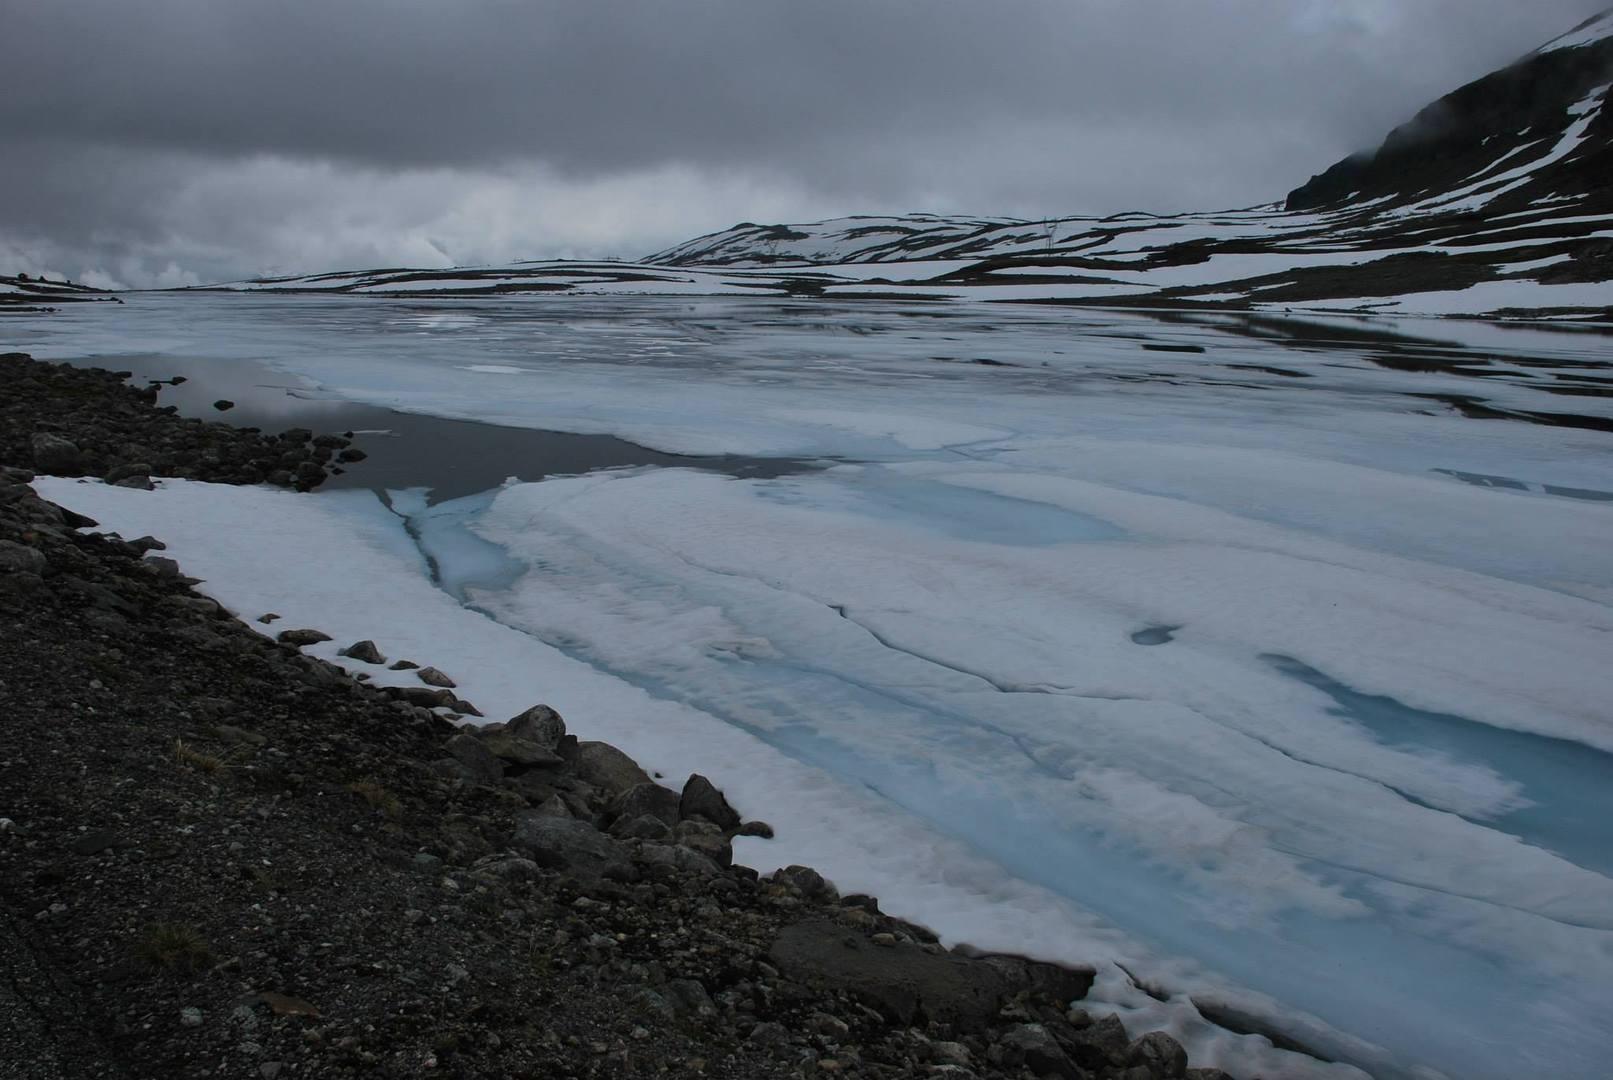 אגמי הקרח בשלבים שונים של המסה